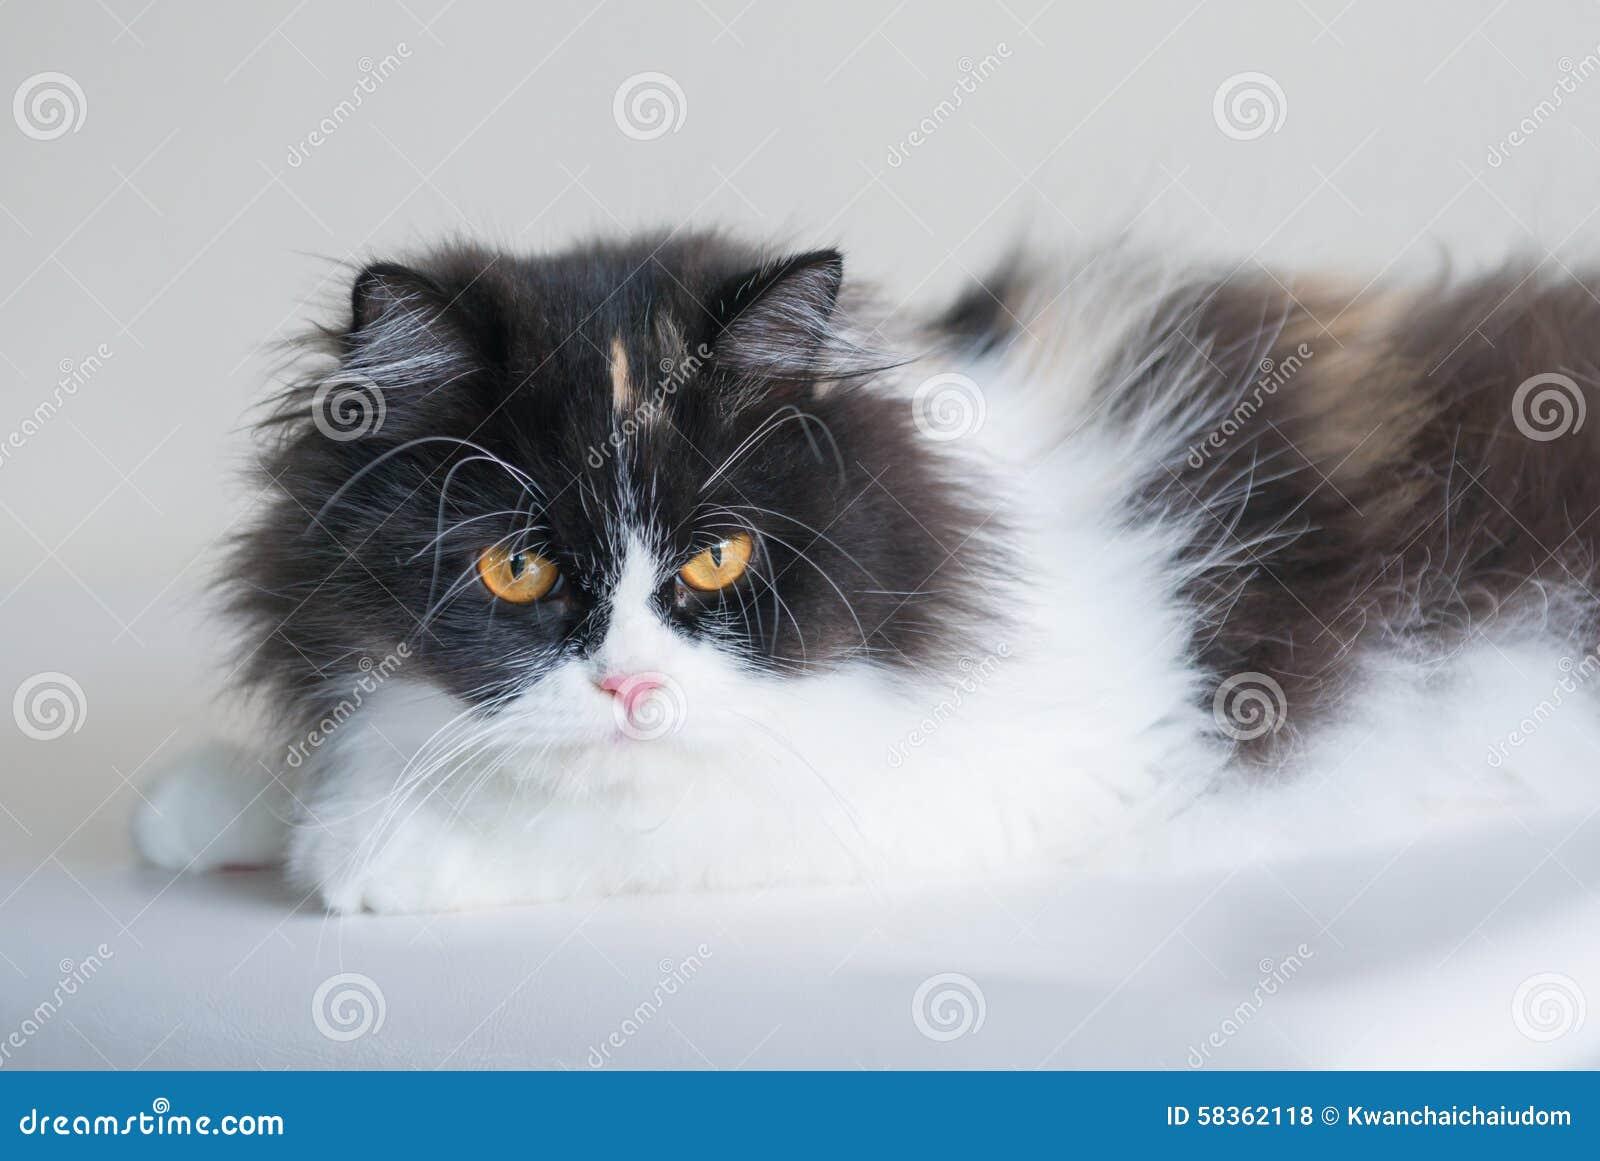 Gatto Persiano In Bianco E Nero Fotografia Stock Immagine Di